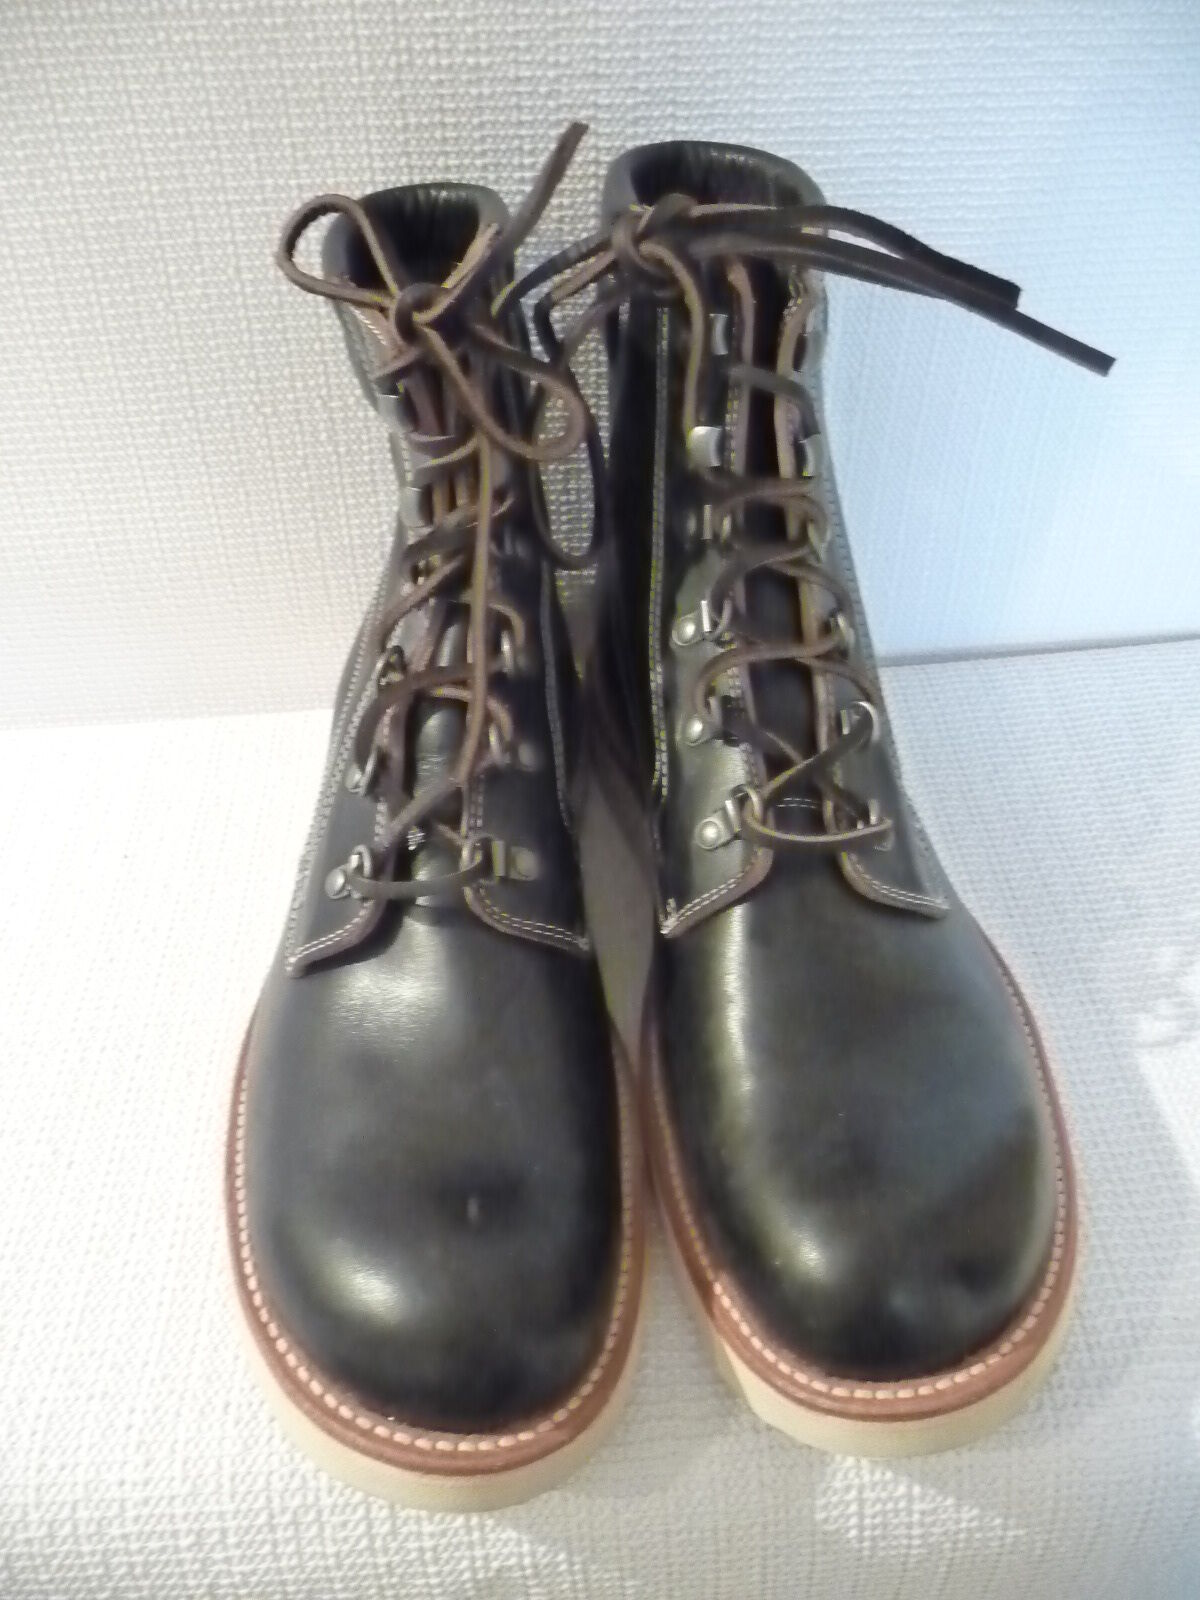 Nuevo WALLACE & BARNES Llano-Toe Byrd botas, E3785, tamaño 11, Negro,